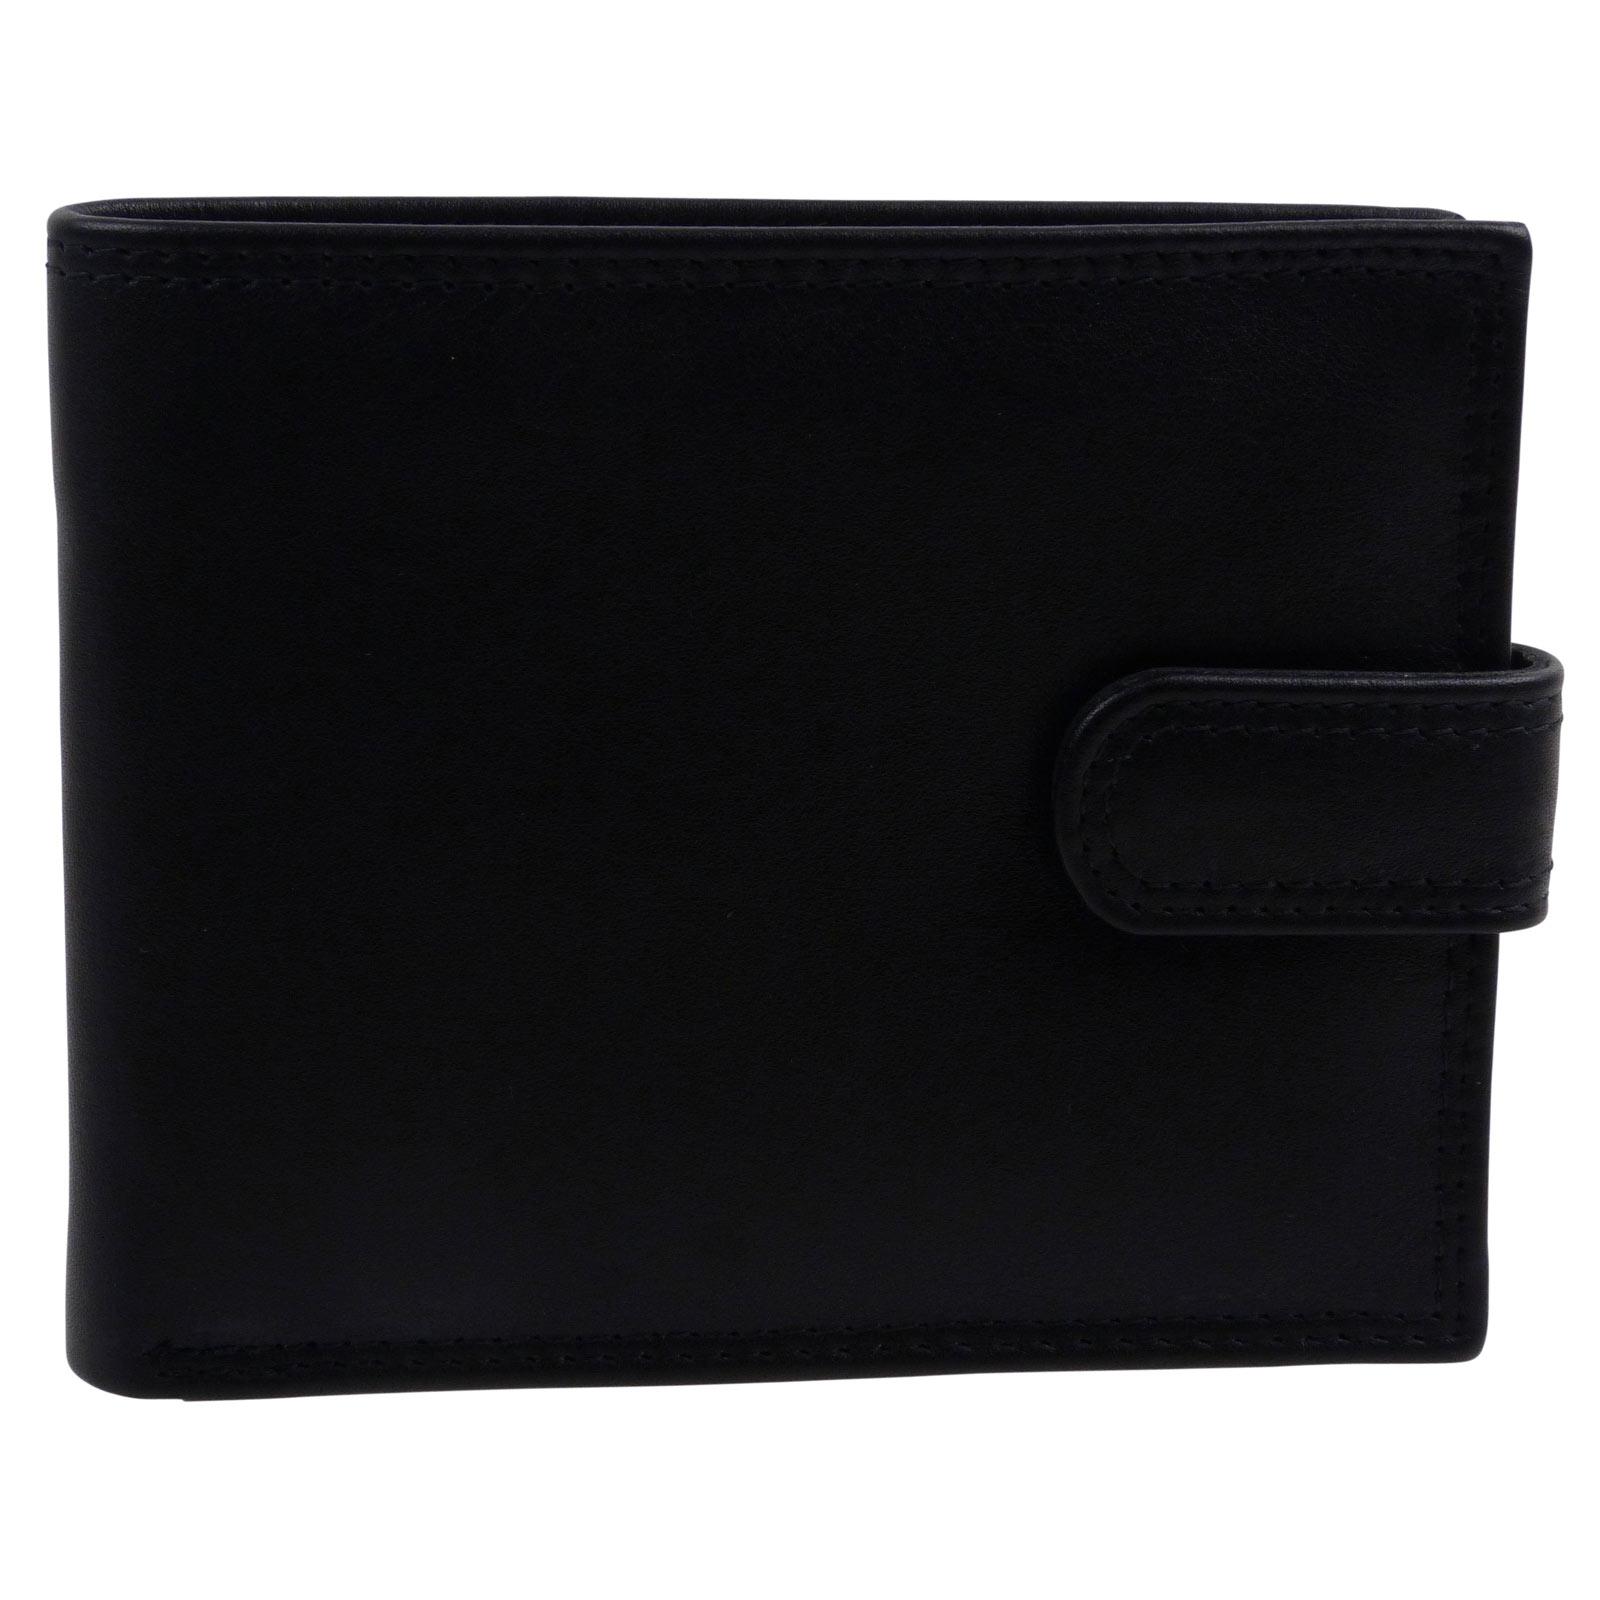 Golunski-Leather-Mens-Bi-Fold-Wallet thumbnail 7